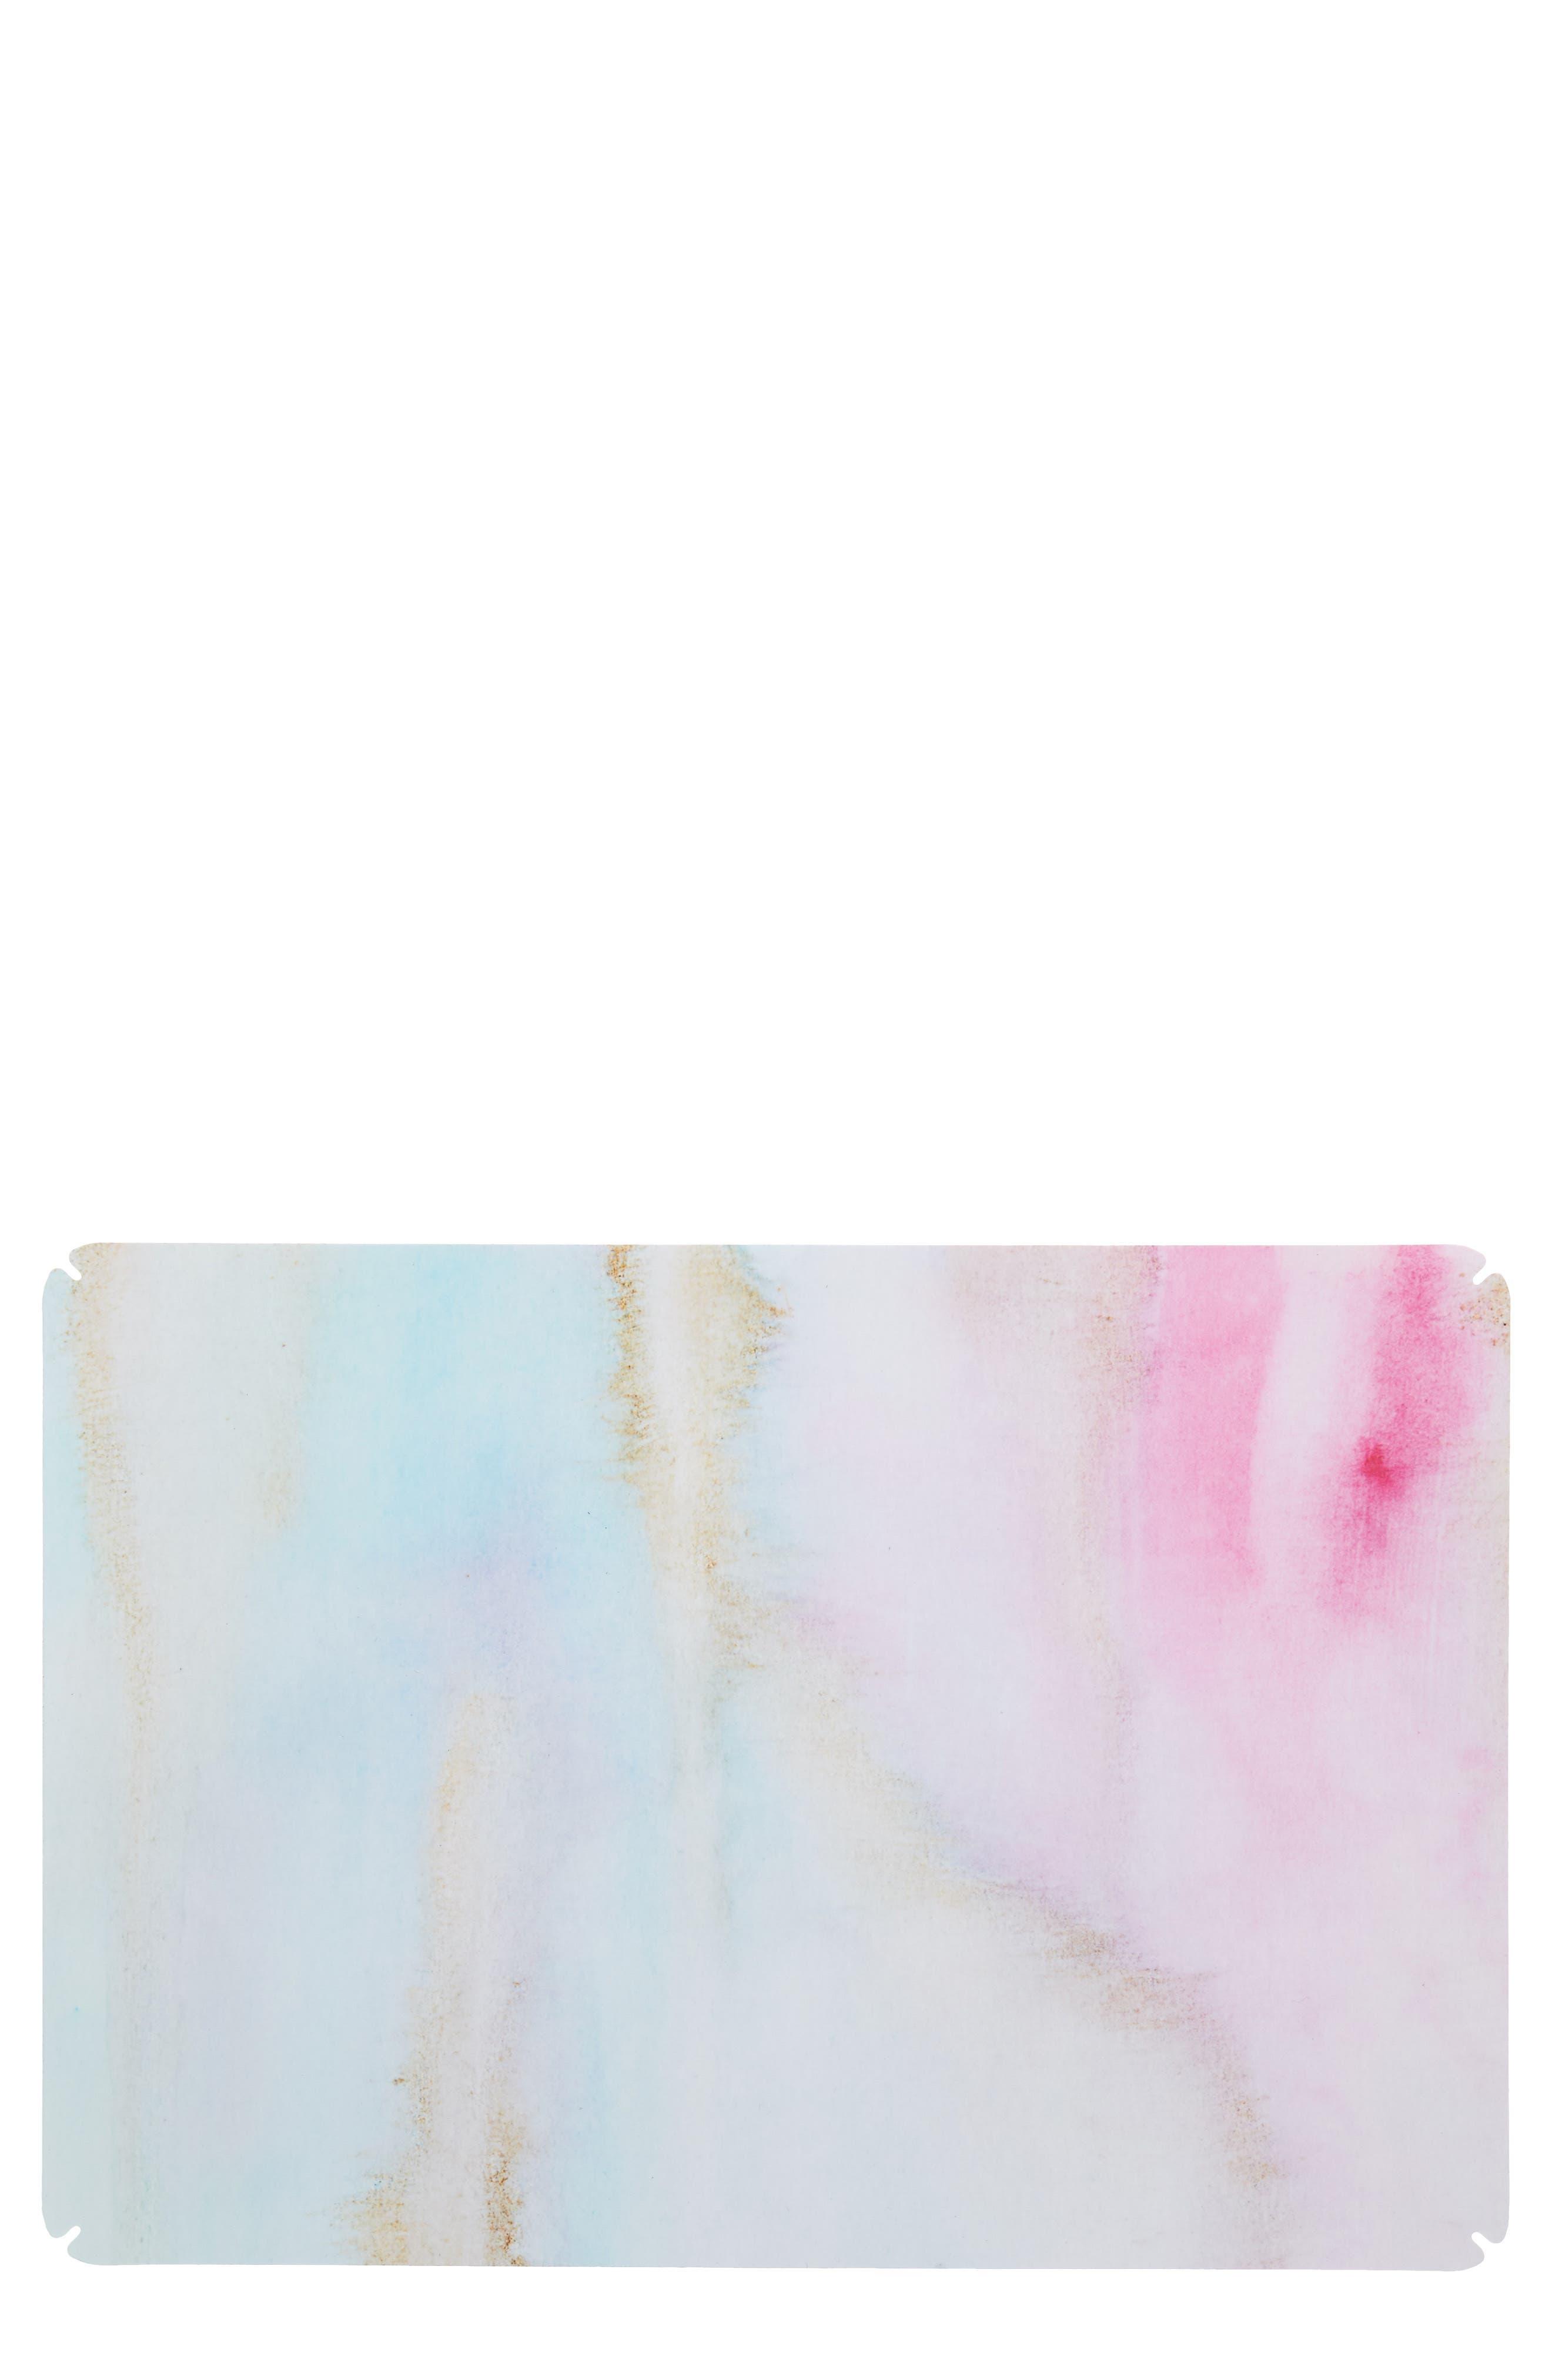 Watercolor Marble 13-Inch Macbook Skin,                         Main,                         color, PASTEL MULTI